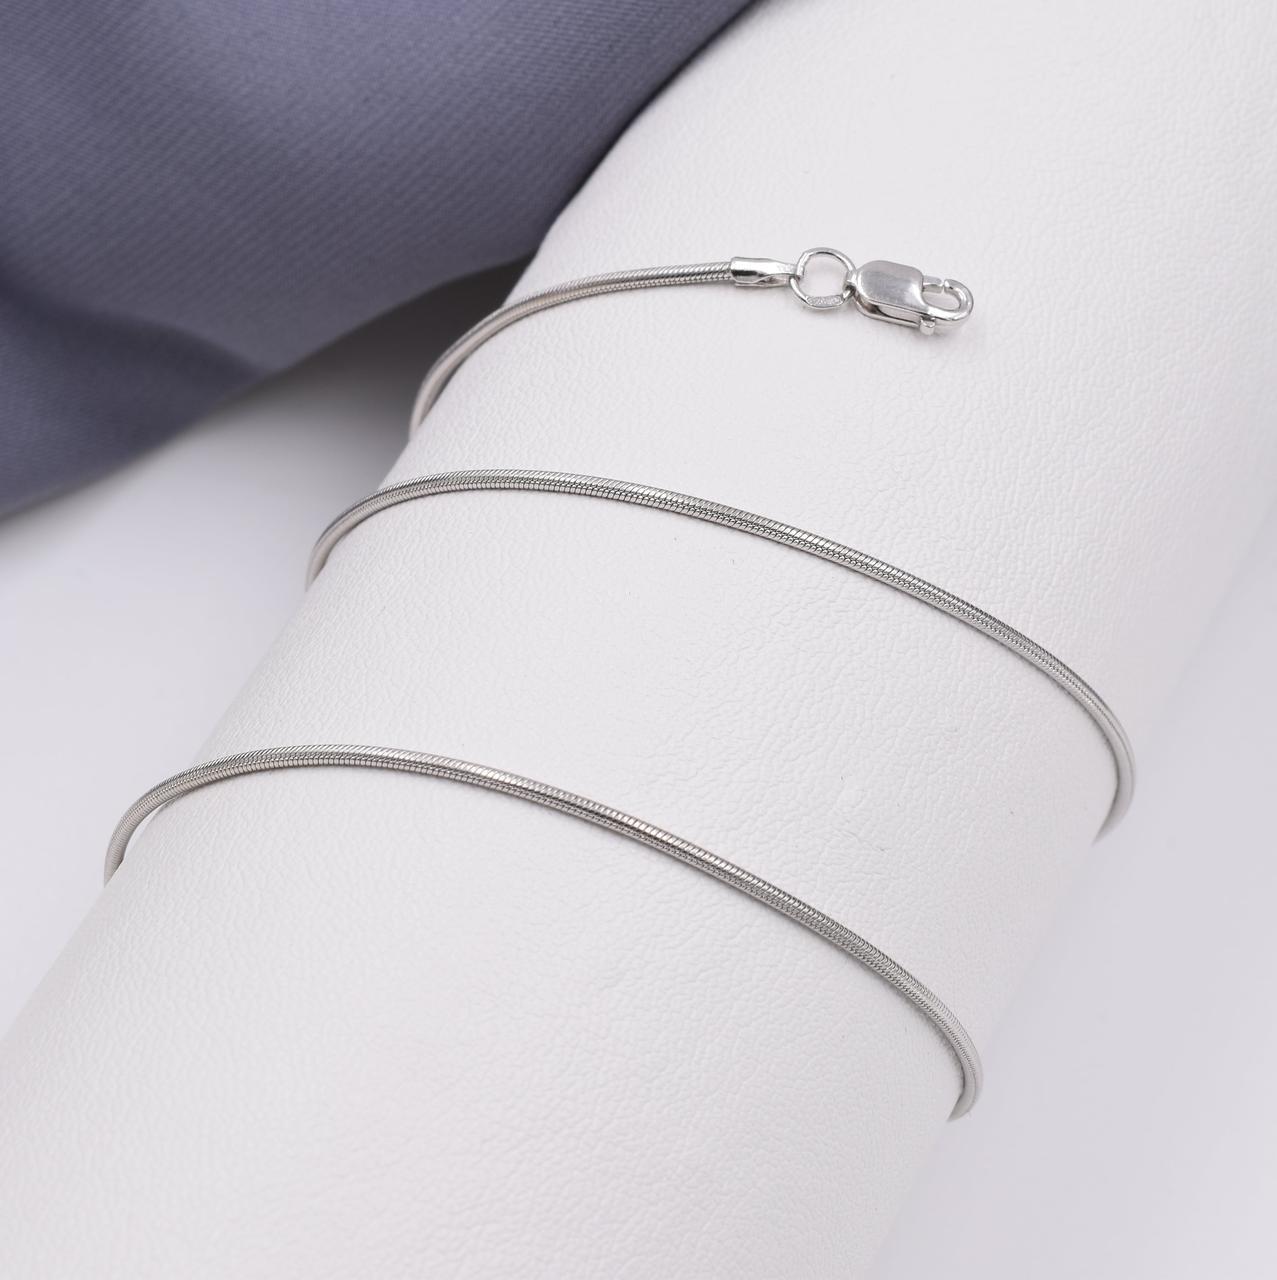 Серебряная цепочка длина 45 см ширина 1 мм вес 4.1 г